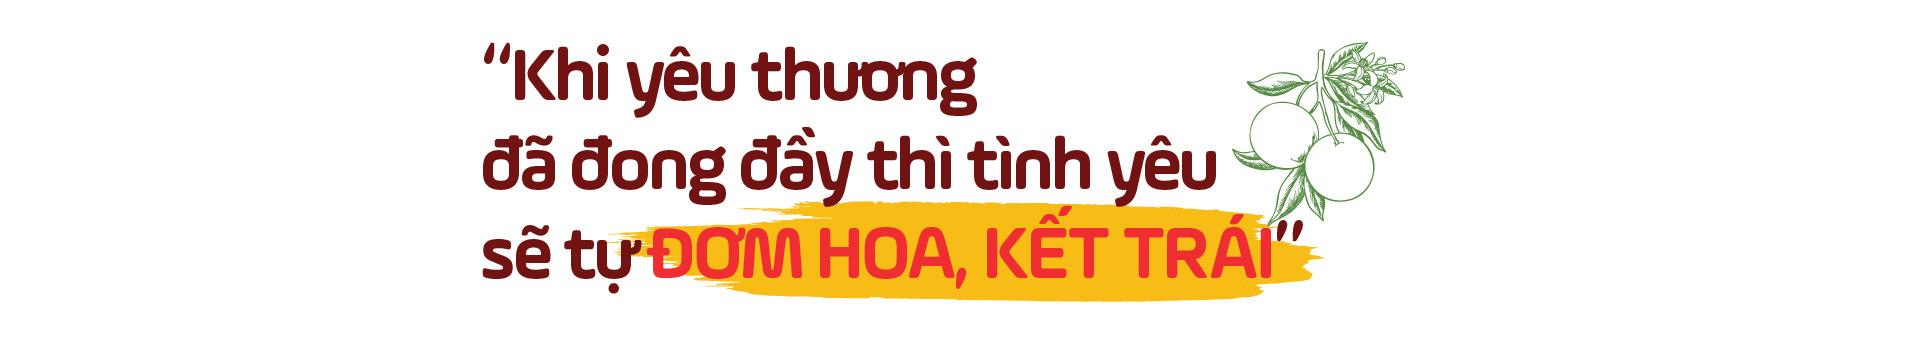 Kiến trúc sư 8x và hành trình sáng tạo các tuyệt phẩm cây Tết độc đáo nhất Việt Nam - Ảnh 14.